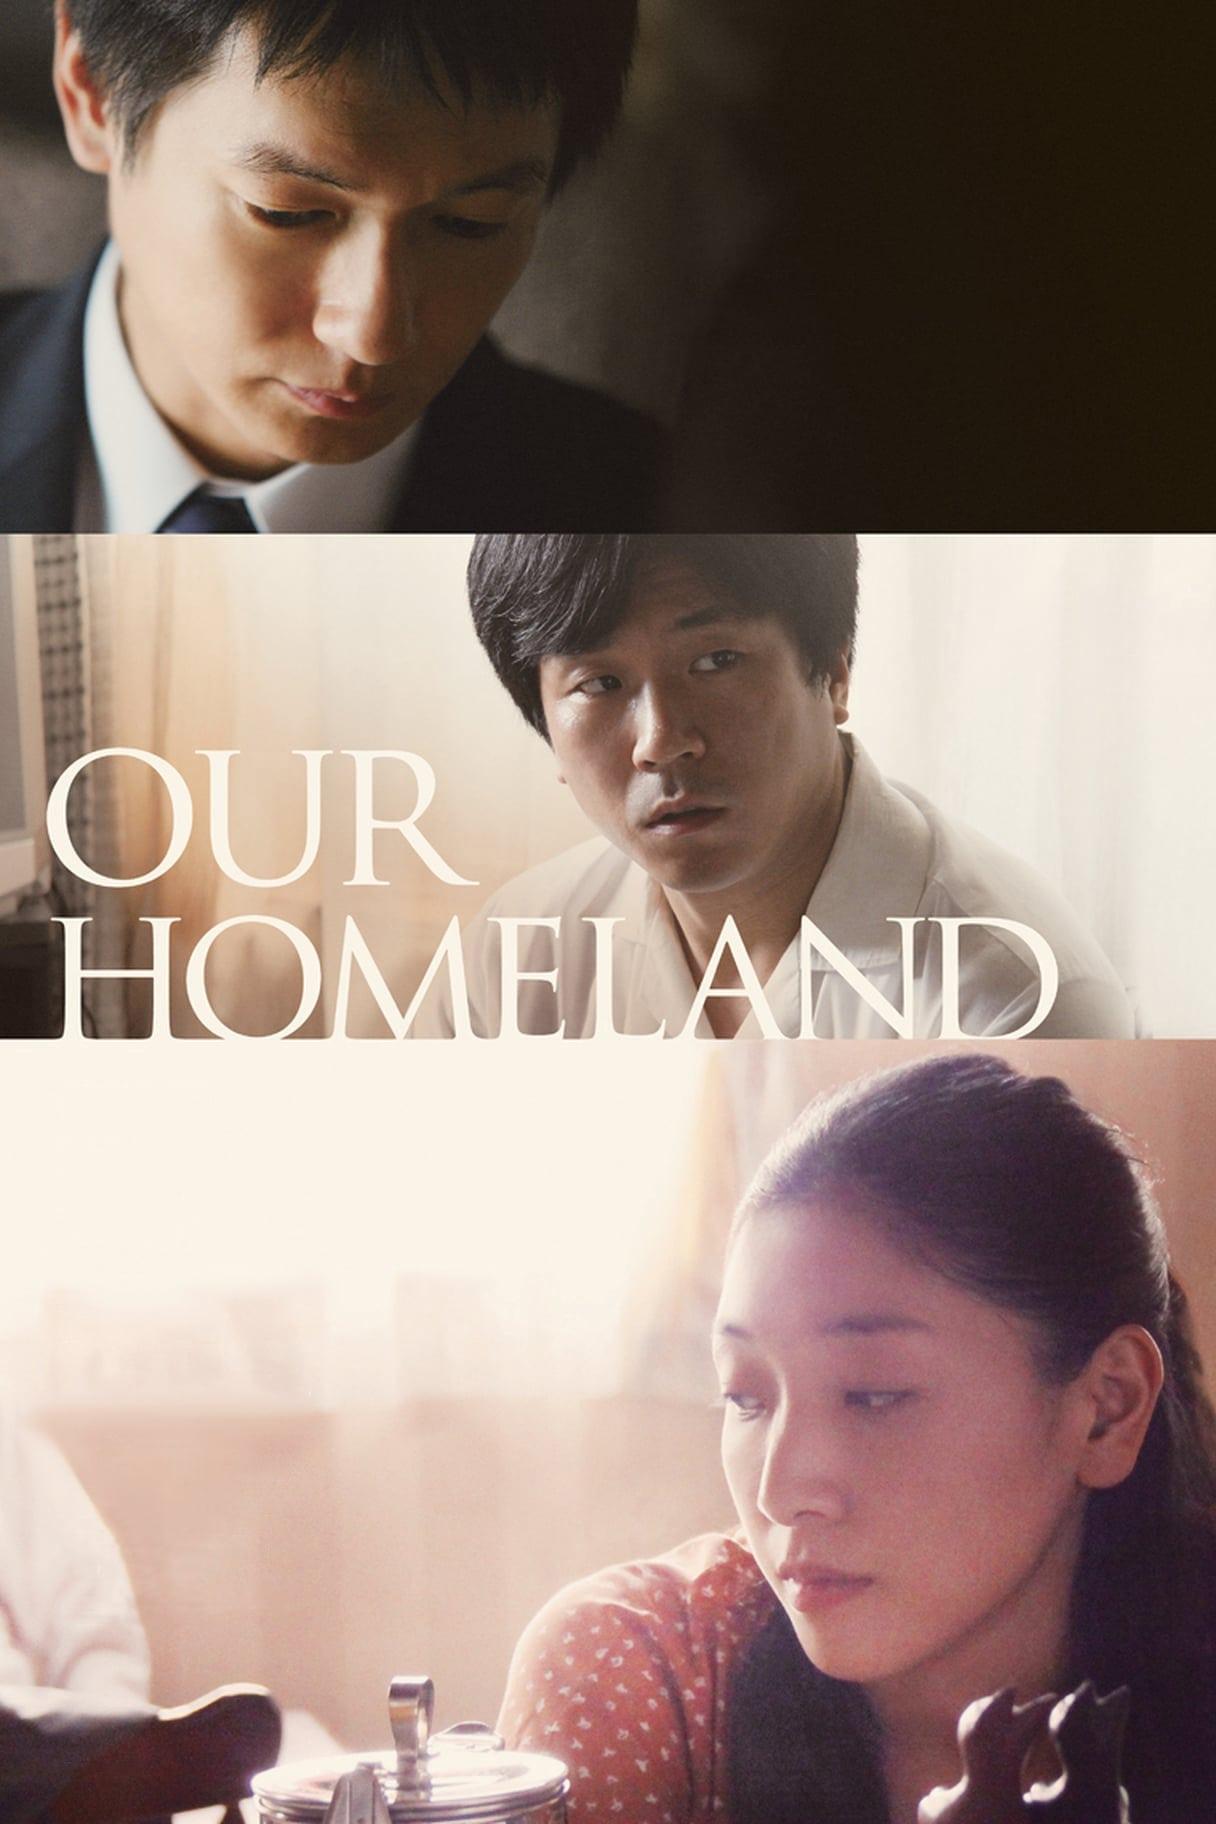 Our Homeland